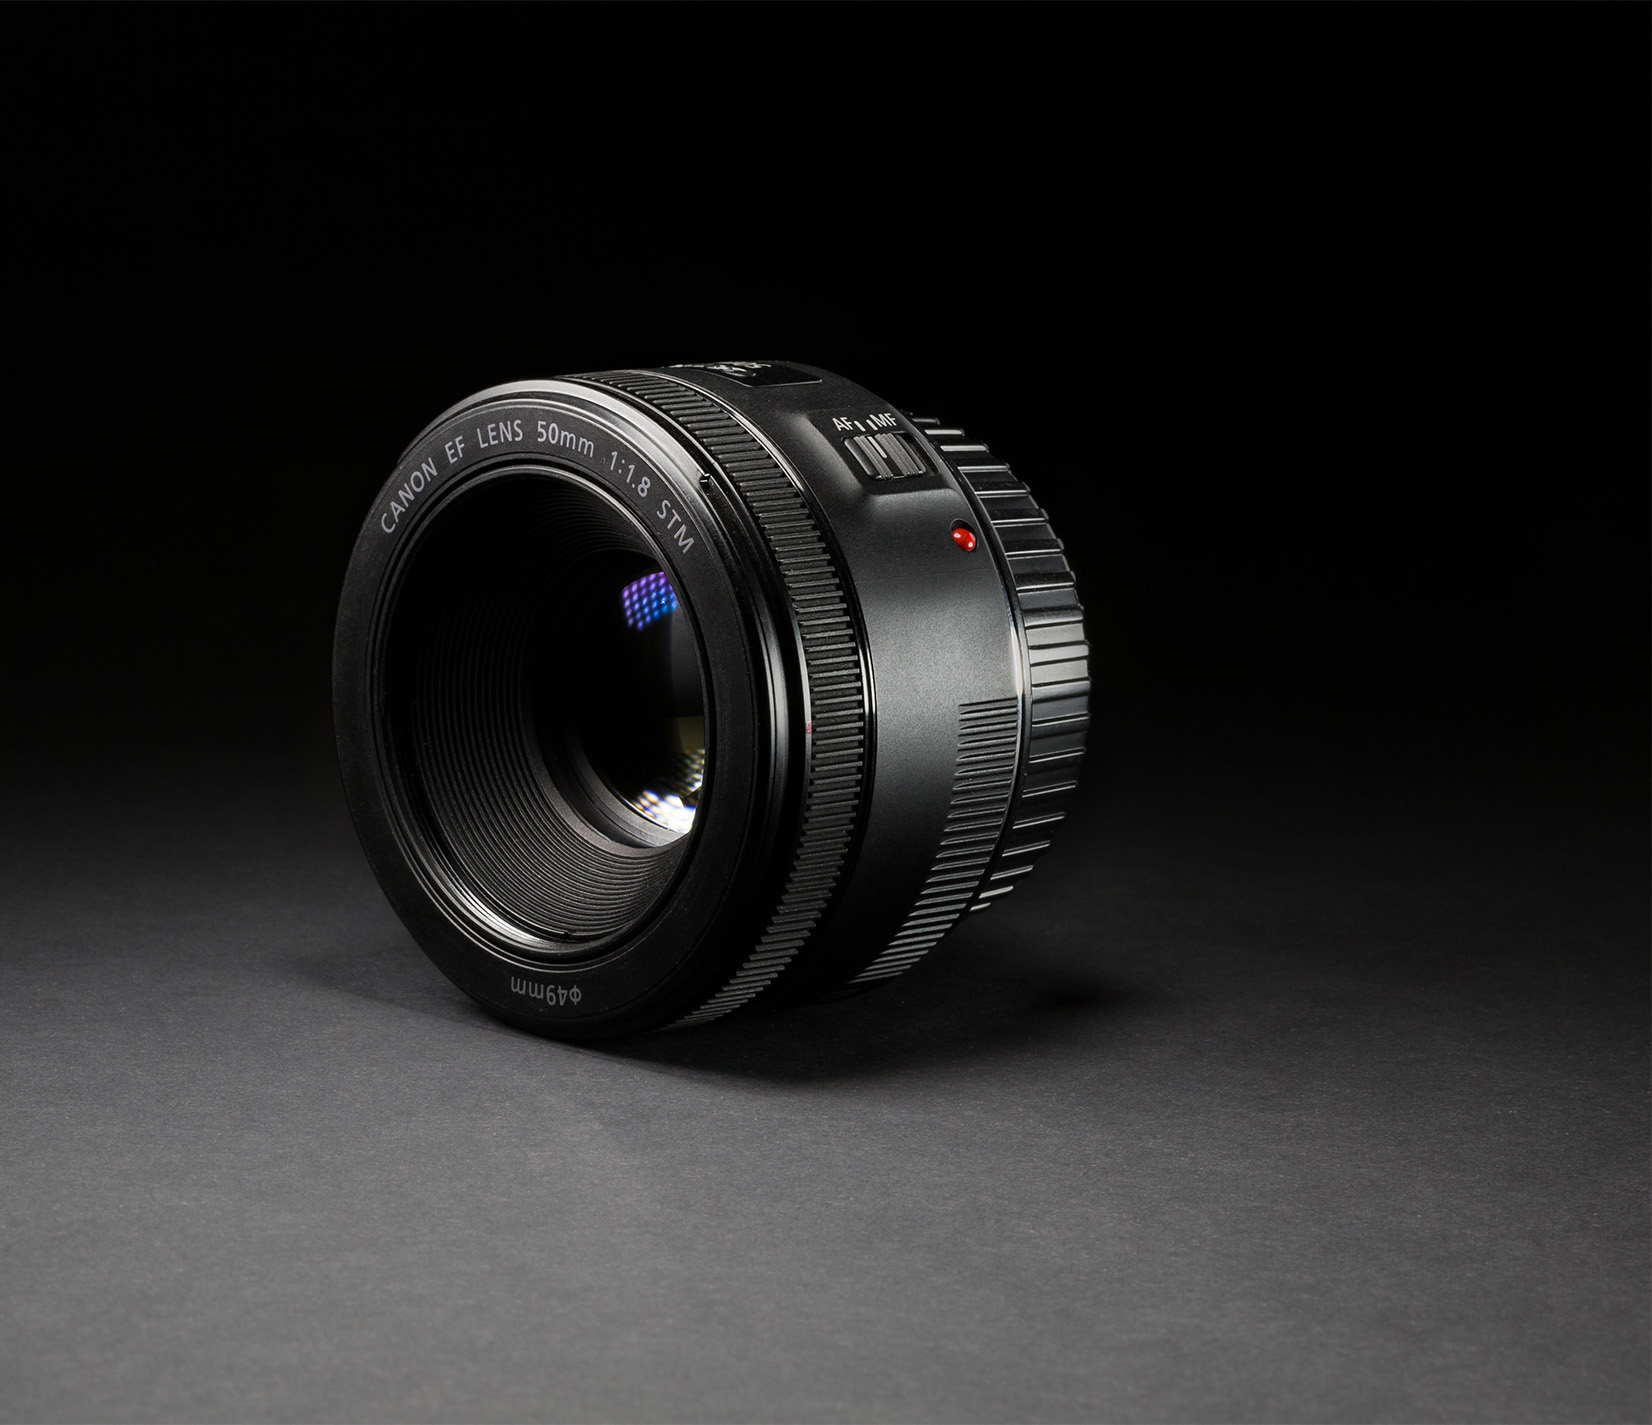 Canon EF 50mm F/1.8 STM - Egy alábecsült kis objektív ami szinte mindenre jó. Az elődjéhez képest minőségibb felépítéssel rendelkezik. A képalkotása jobb, mint az 50mm 1.4-es verziójának ami nem csoda, hisz már elég régi konstrukció. Videózáshoz is kitűnő darab.Bolti új ára: ~ 40.000 HufHasznált/import: ~ 30.000 Huf